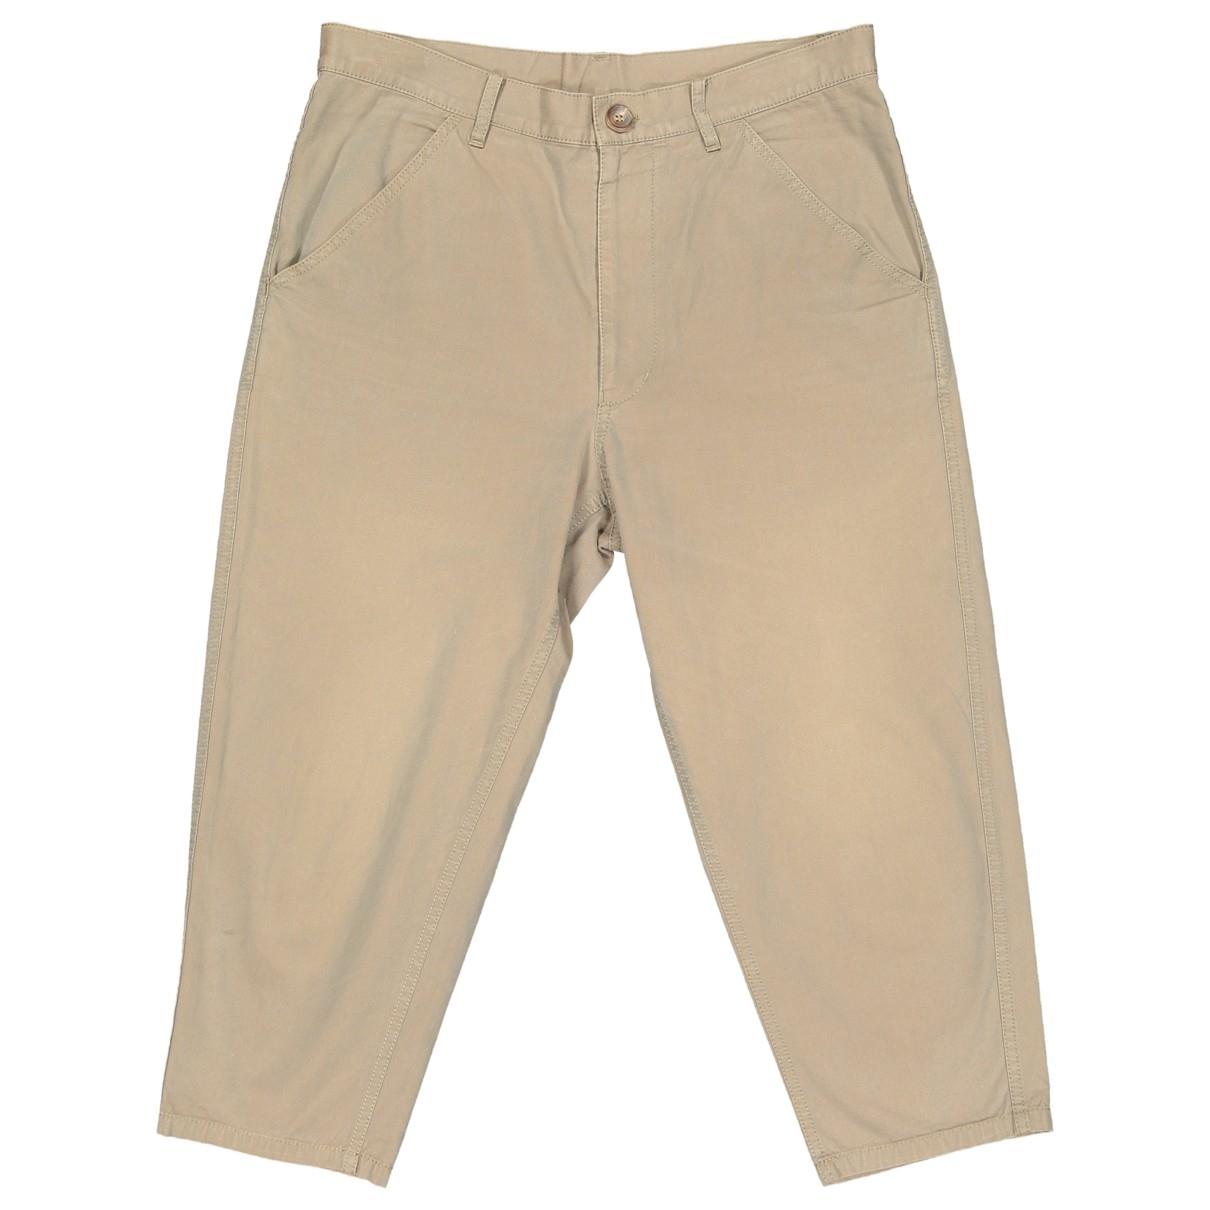 Comme Des Garcons \N Khaki Cotton Shorts for Men S International